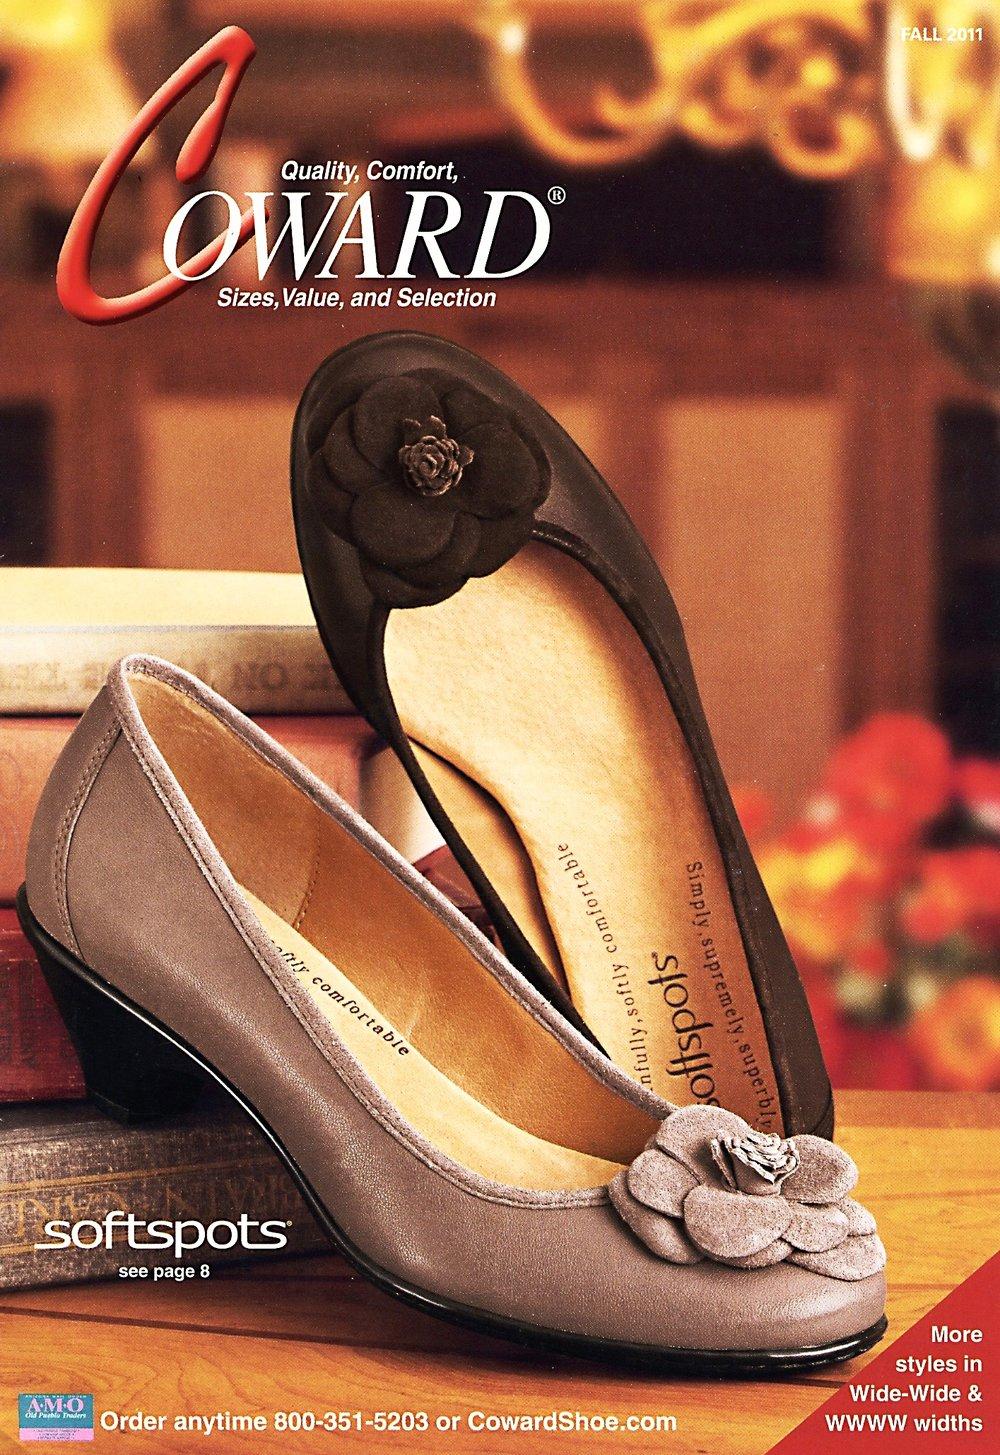 Coward-1.jpeg